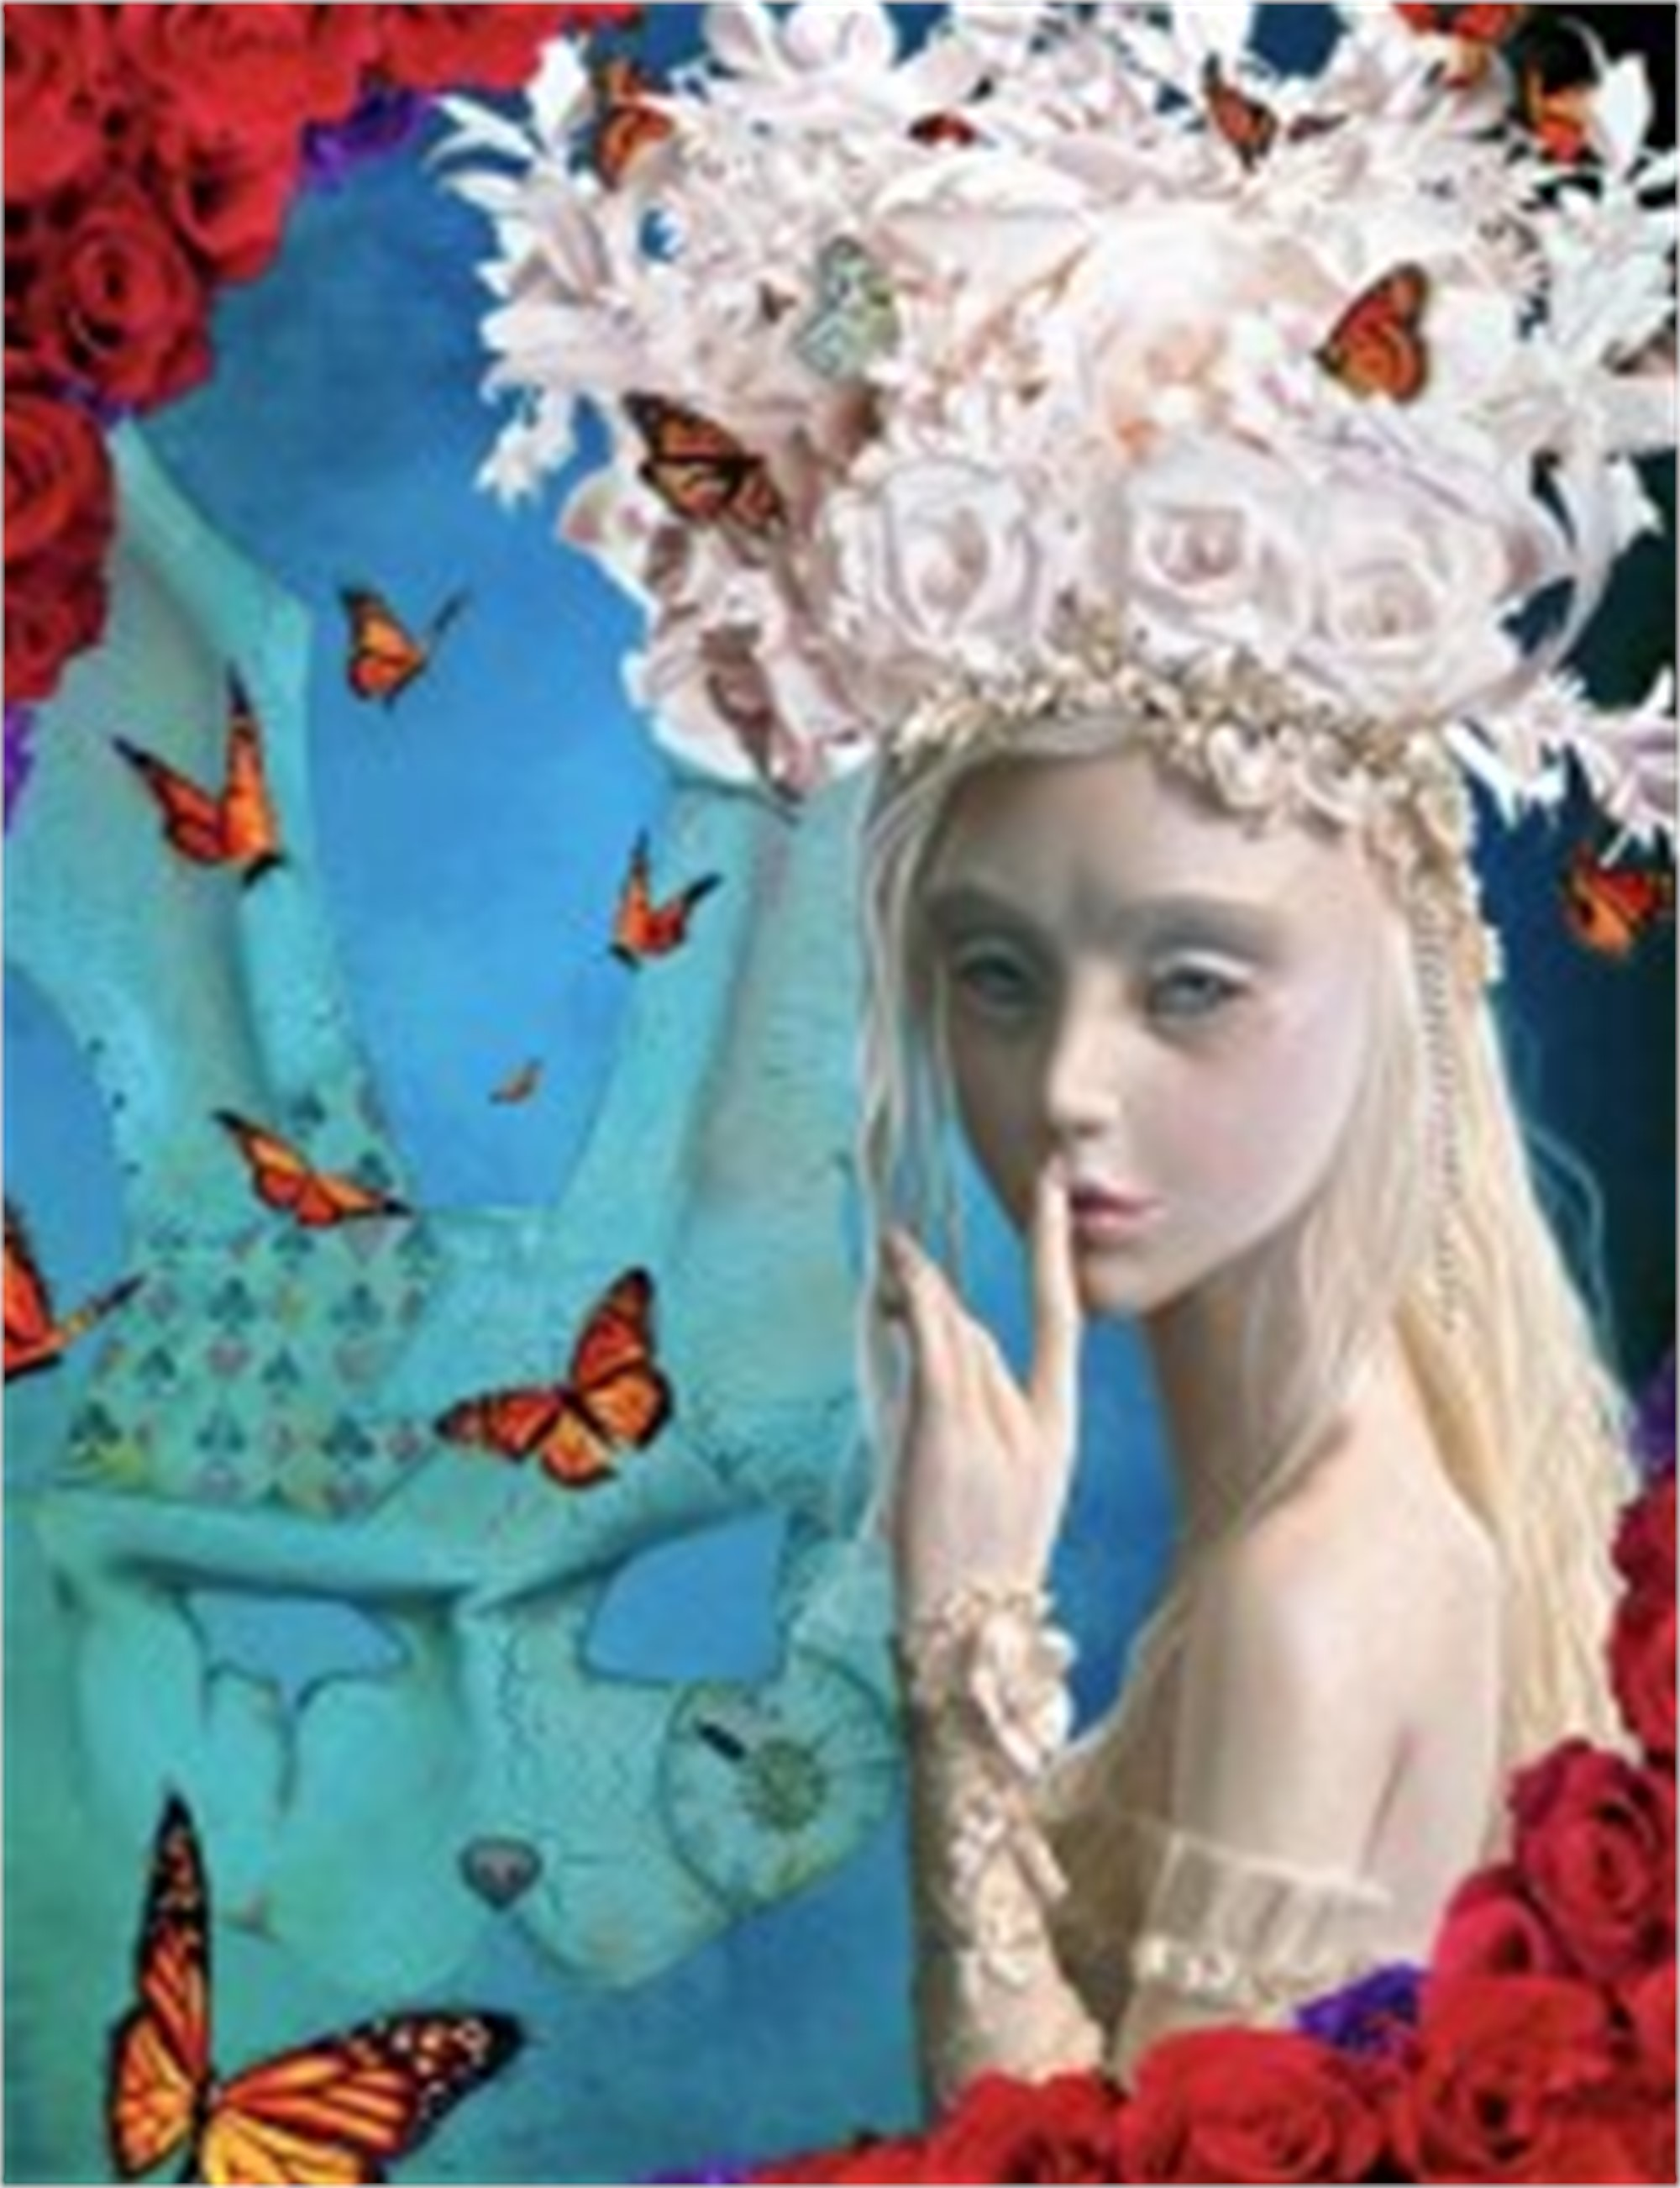 Alice - Wonderland White Queen by Adam Scott Rote